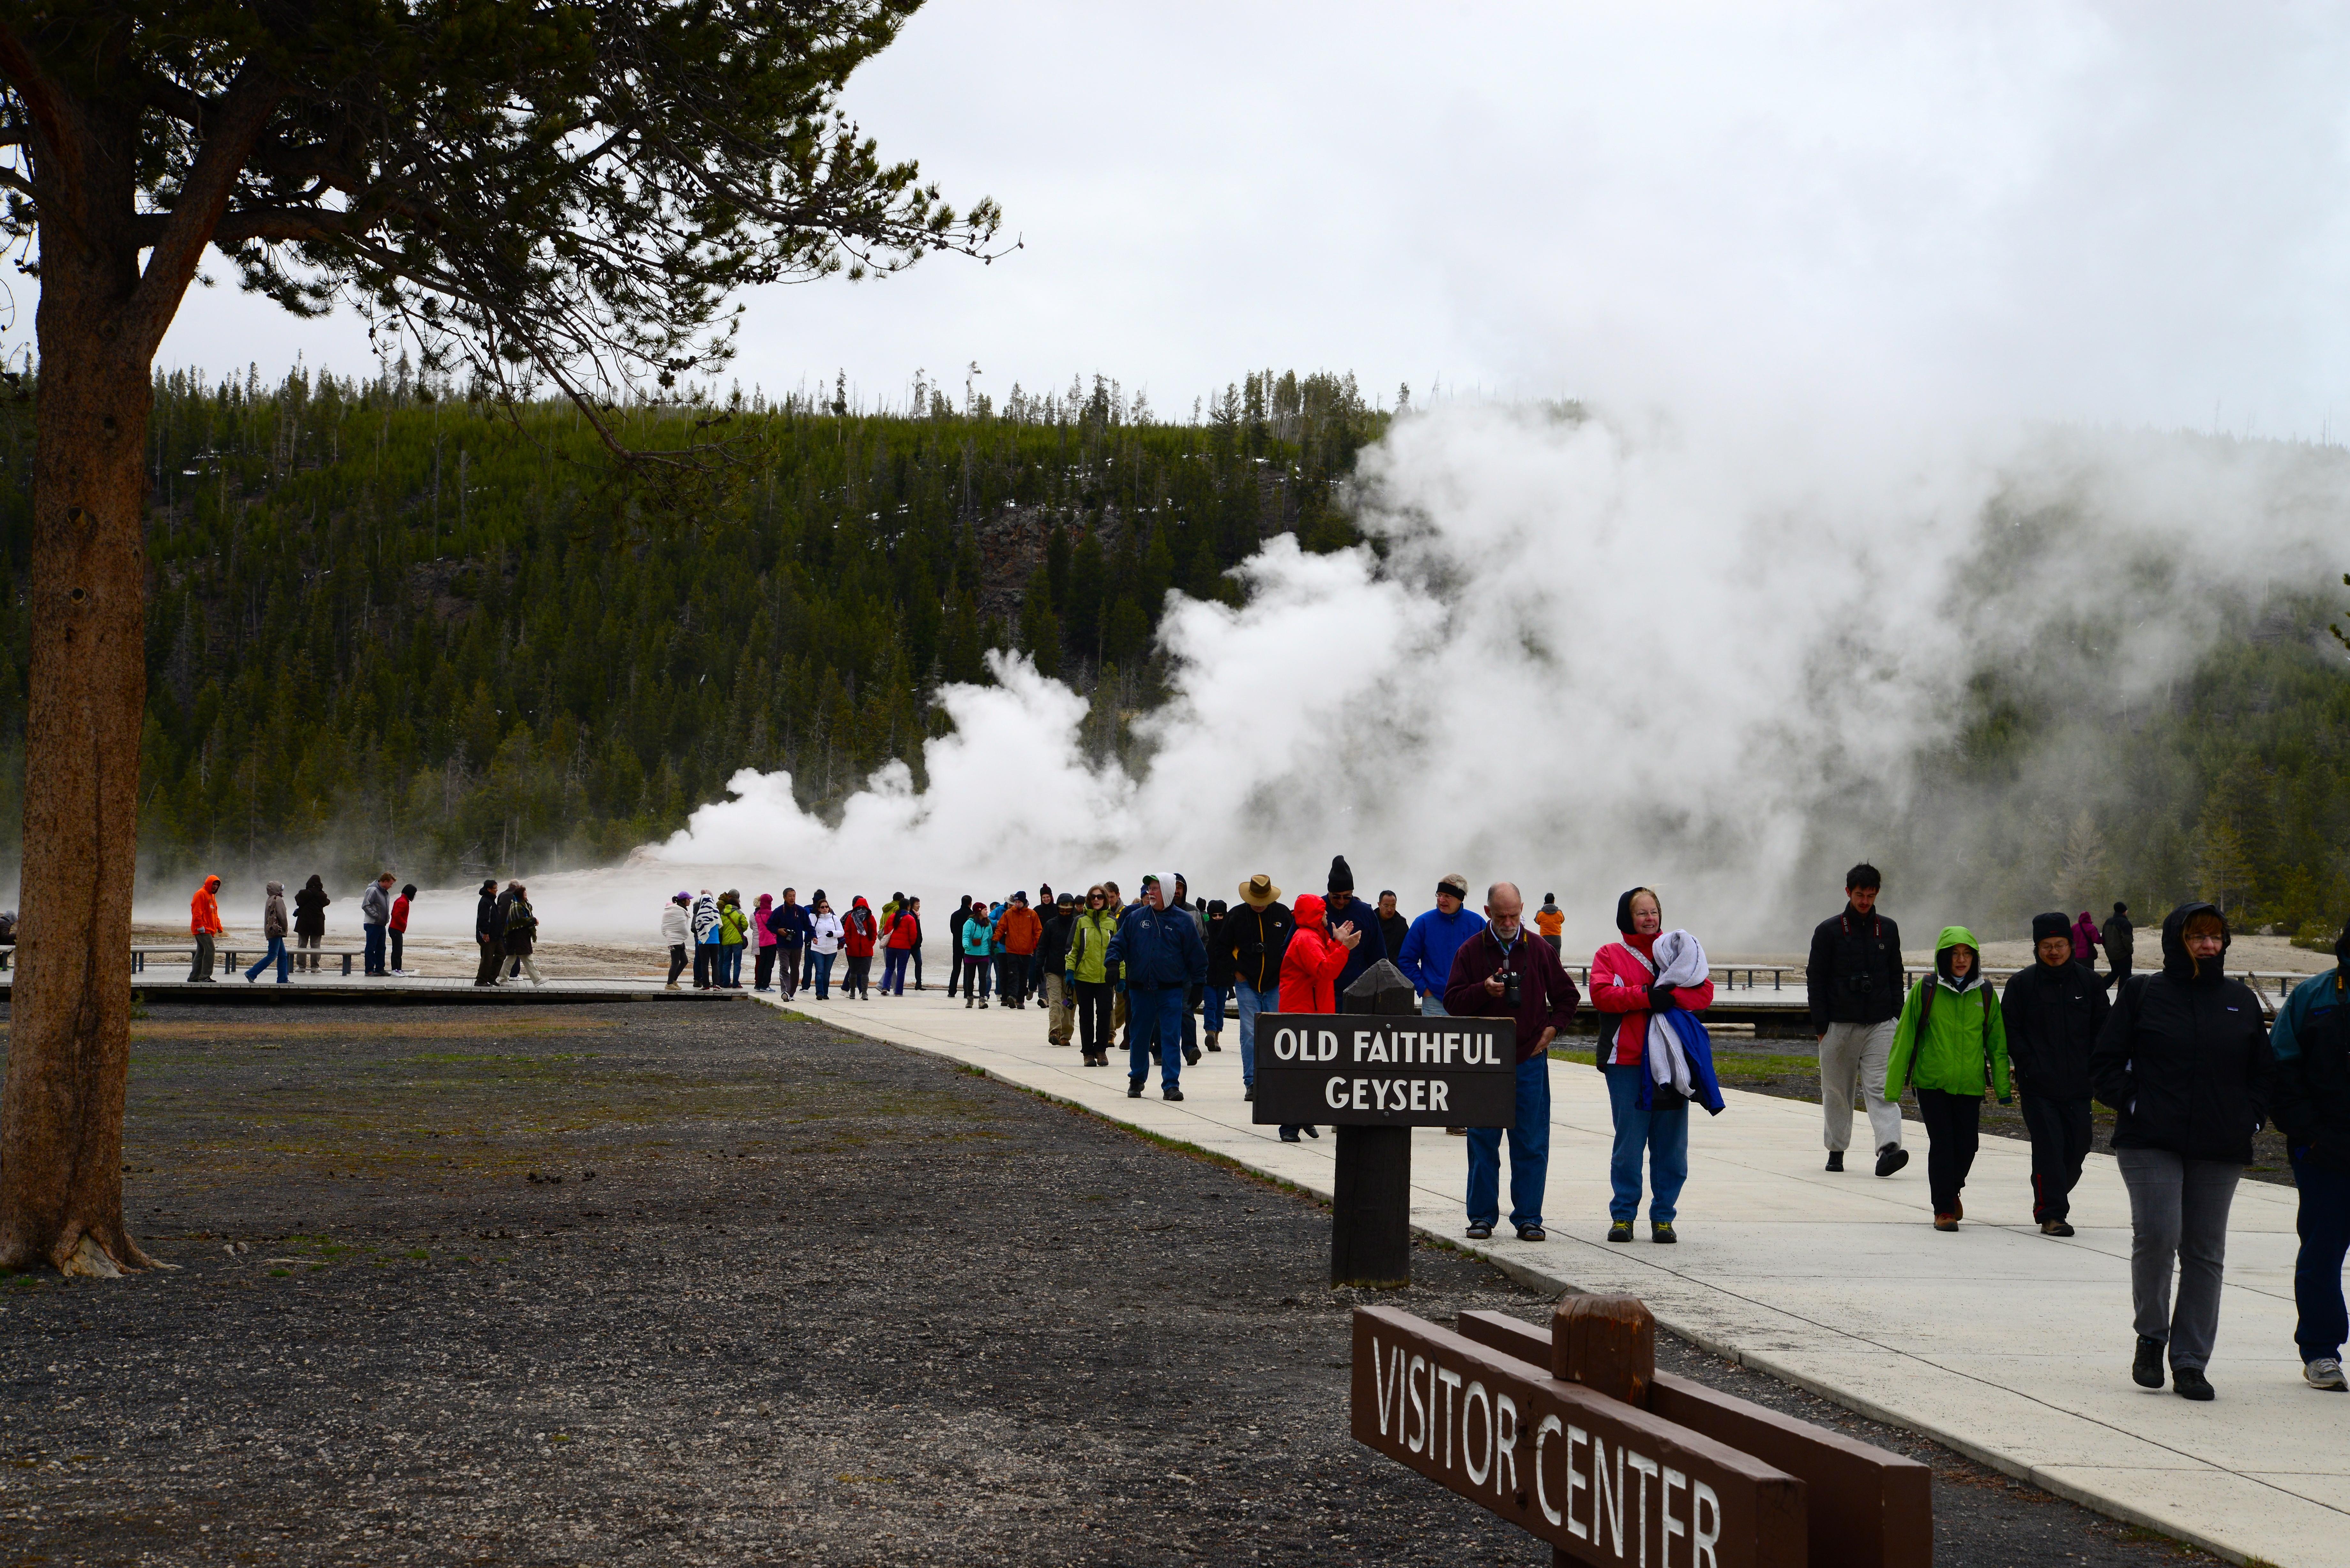 Chegando ao complexo do Old Faithful no Yellowstone